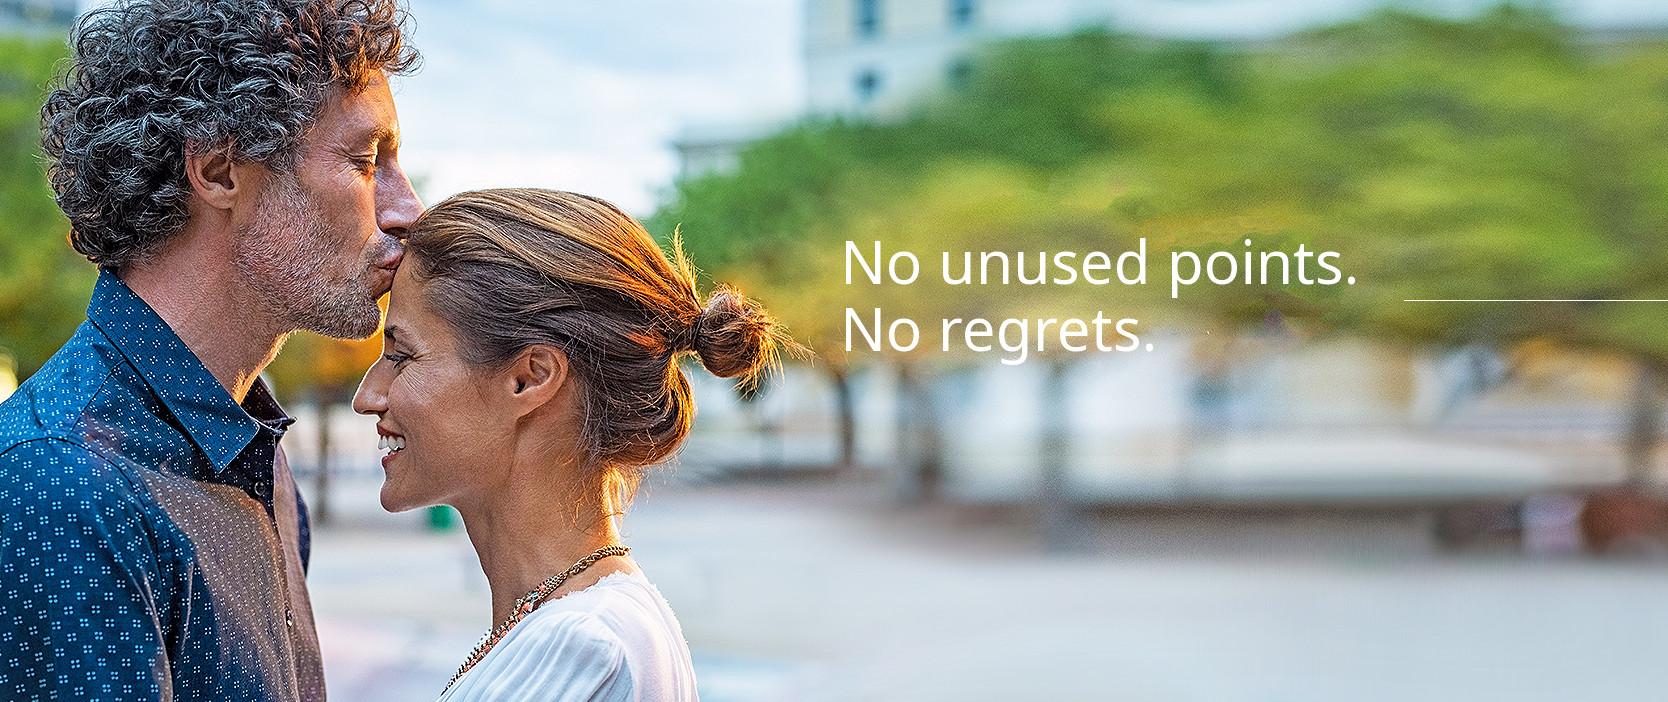 No unused points. No regrets.